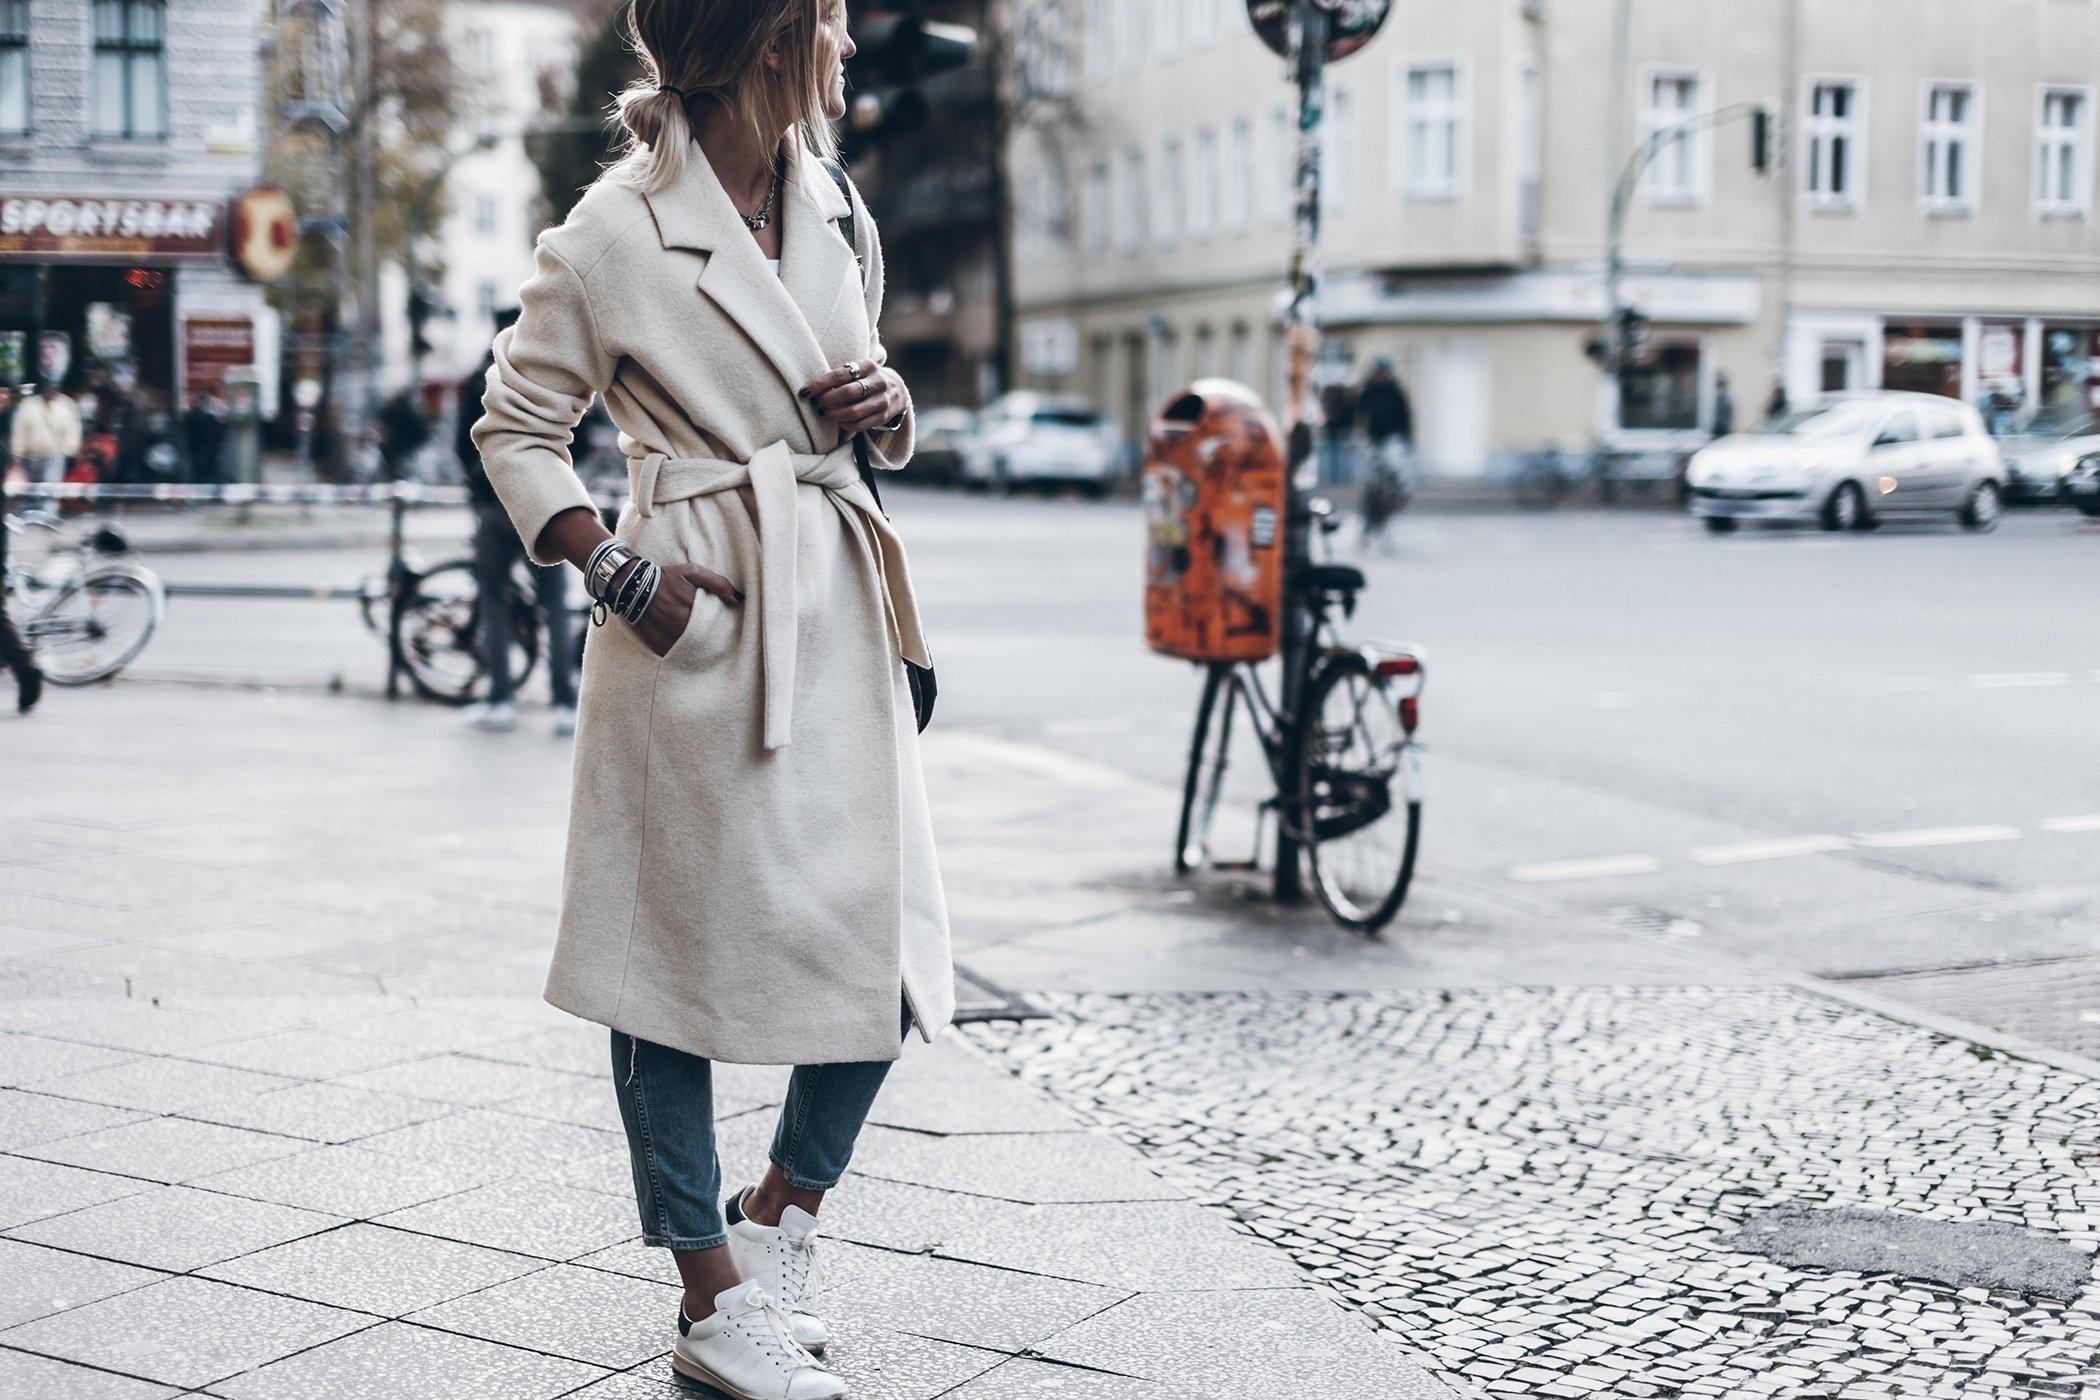 mikuta-designers-remix-white-coat-8